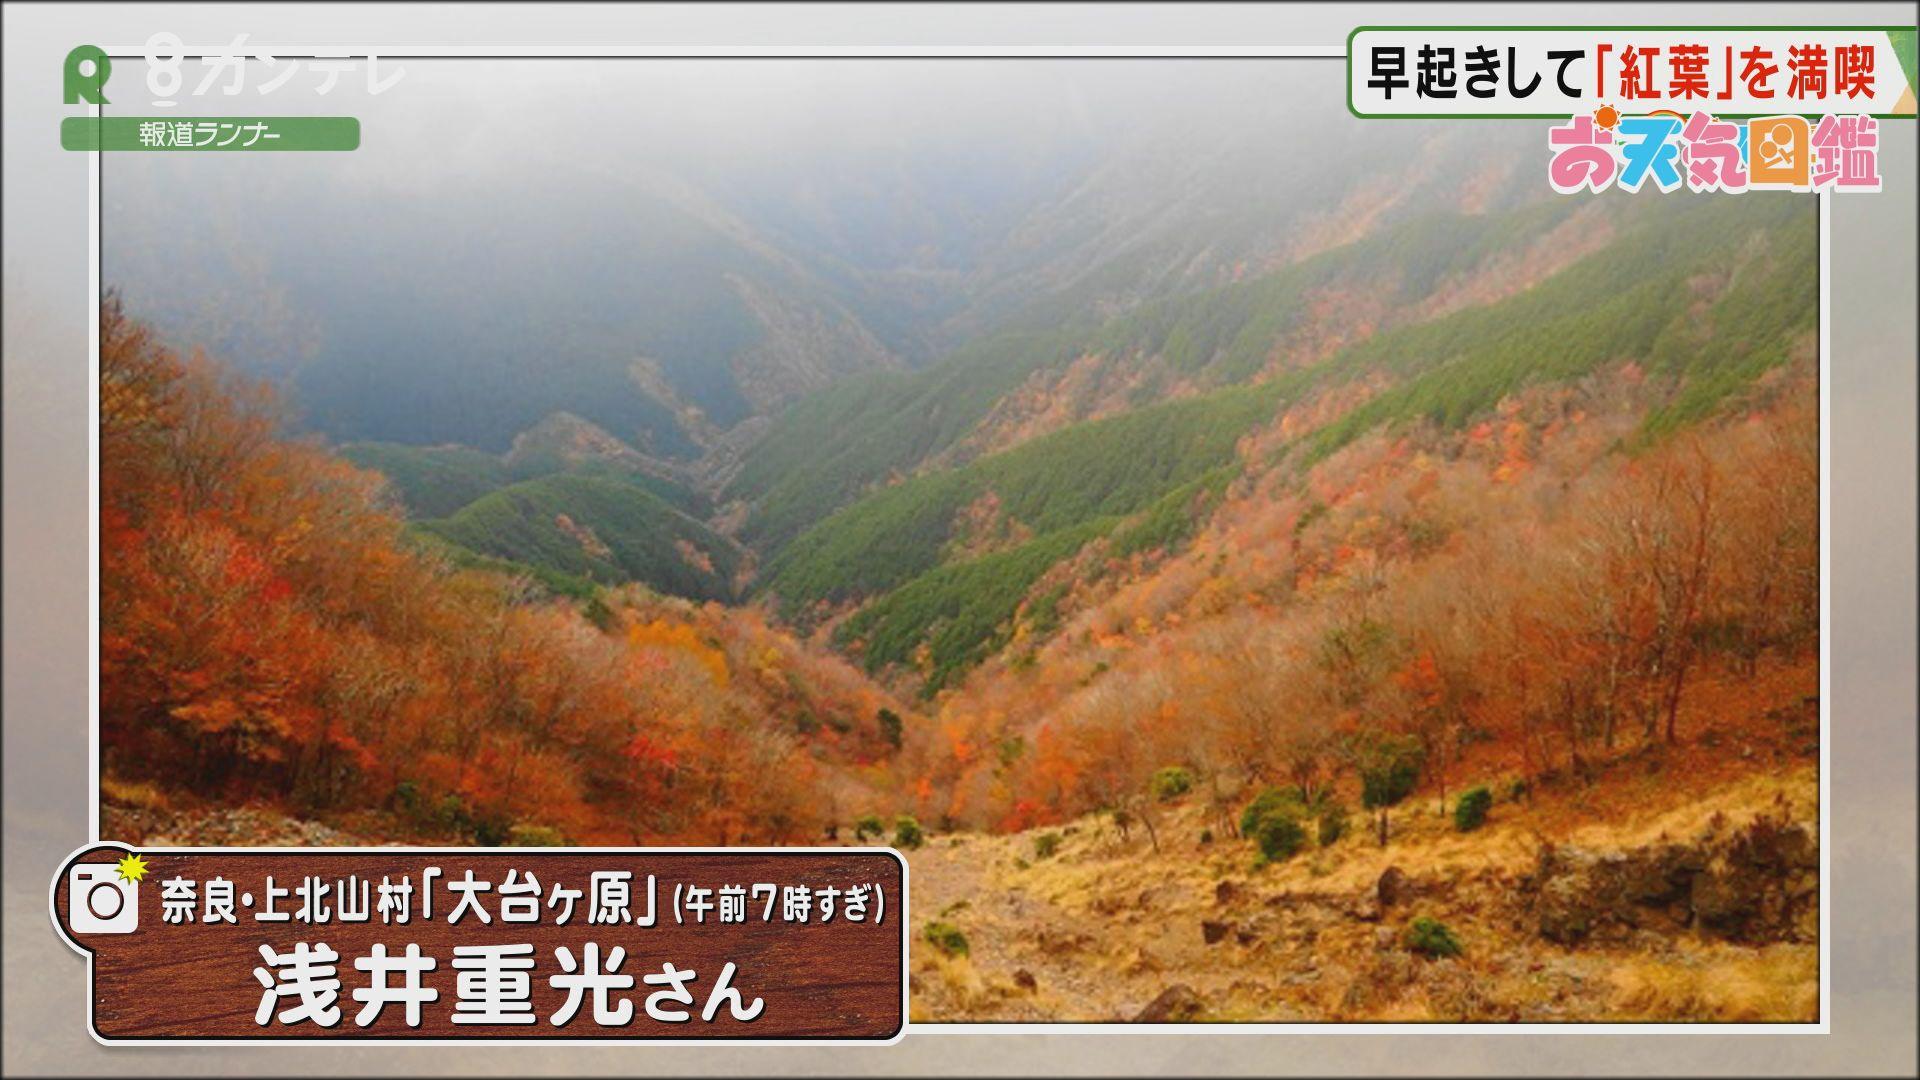 「早起きしてたどり着いた…紅葉の絶景」(奈良・大台ヶ原)